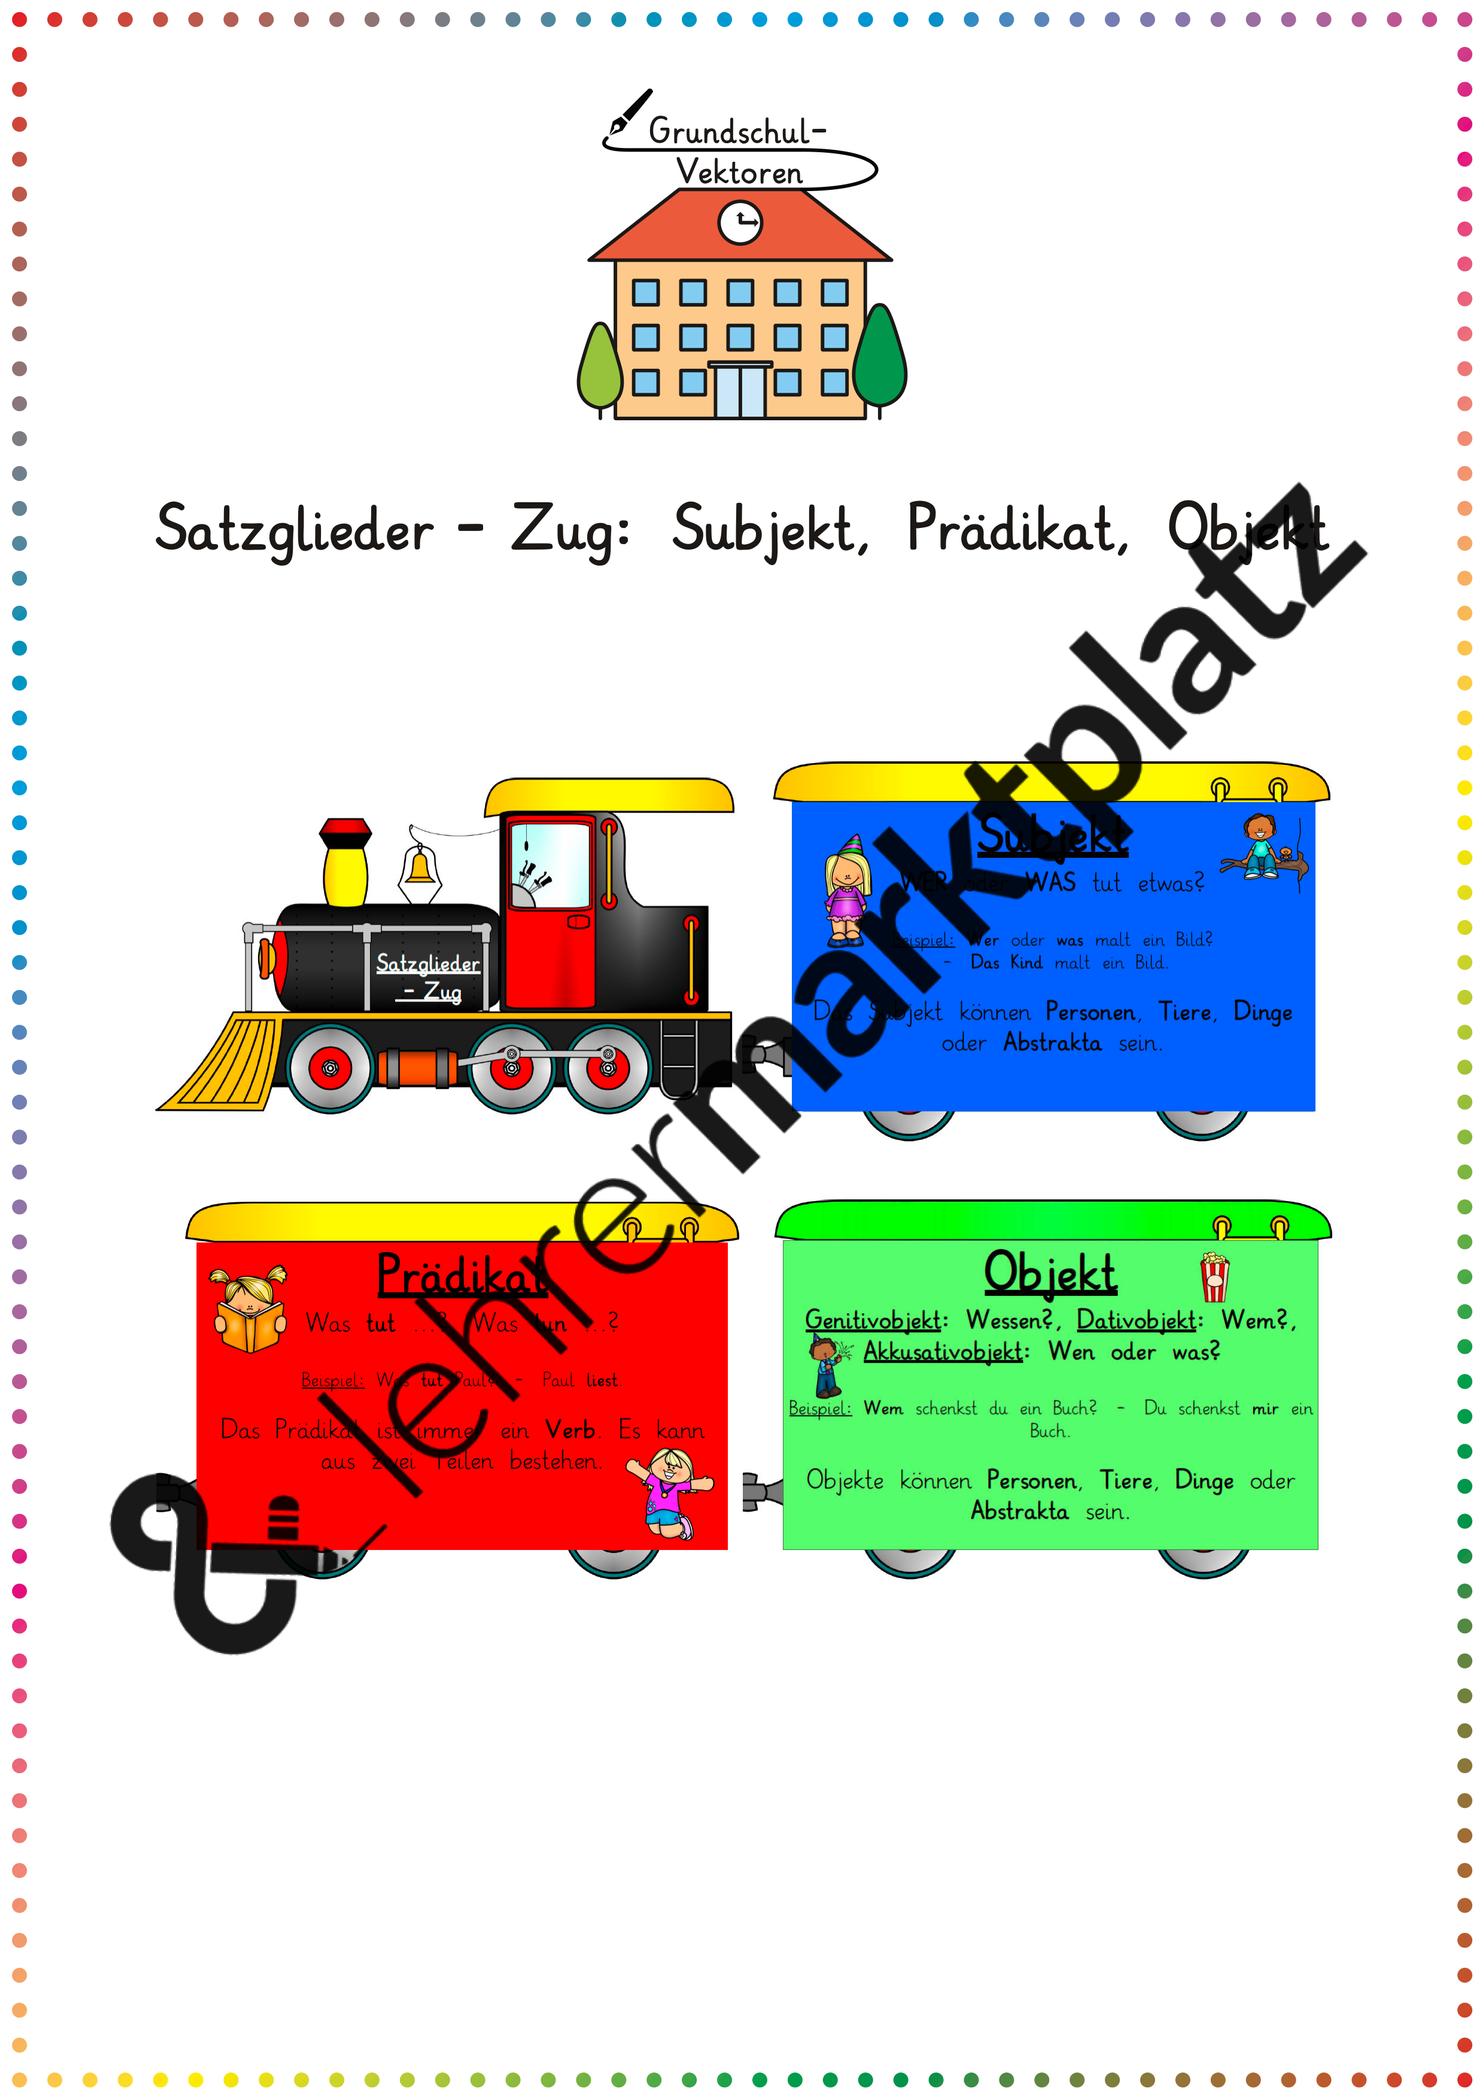 Satzglieder Zug Subjekt Pradikat Objekt Unterrichtsmaterial Im Fach Deutsch In 2020 Satzglieder Unterrichtsmaterial Einfache Satze